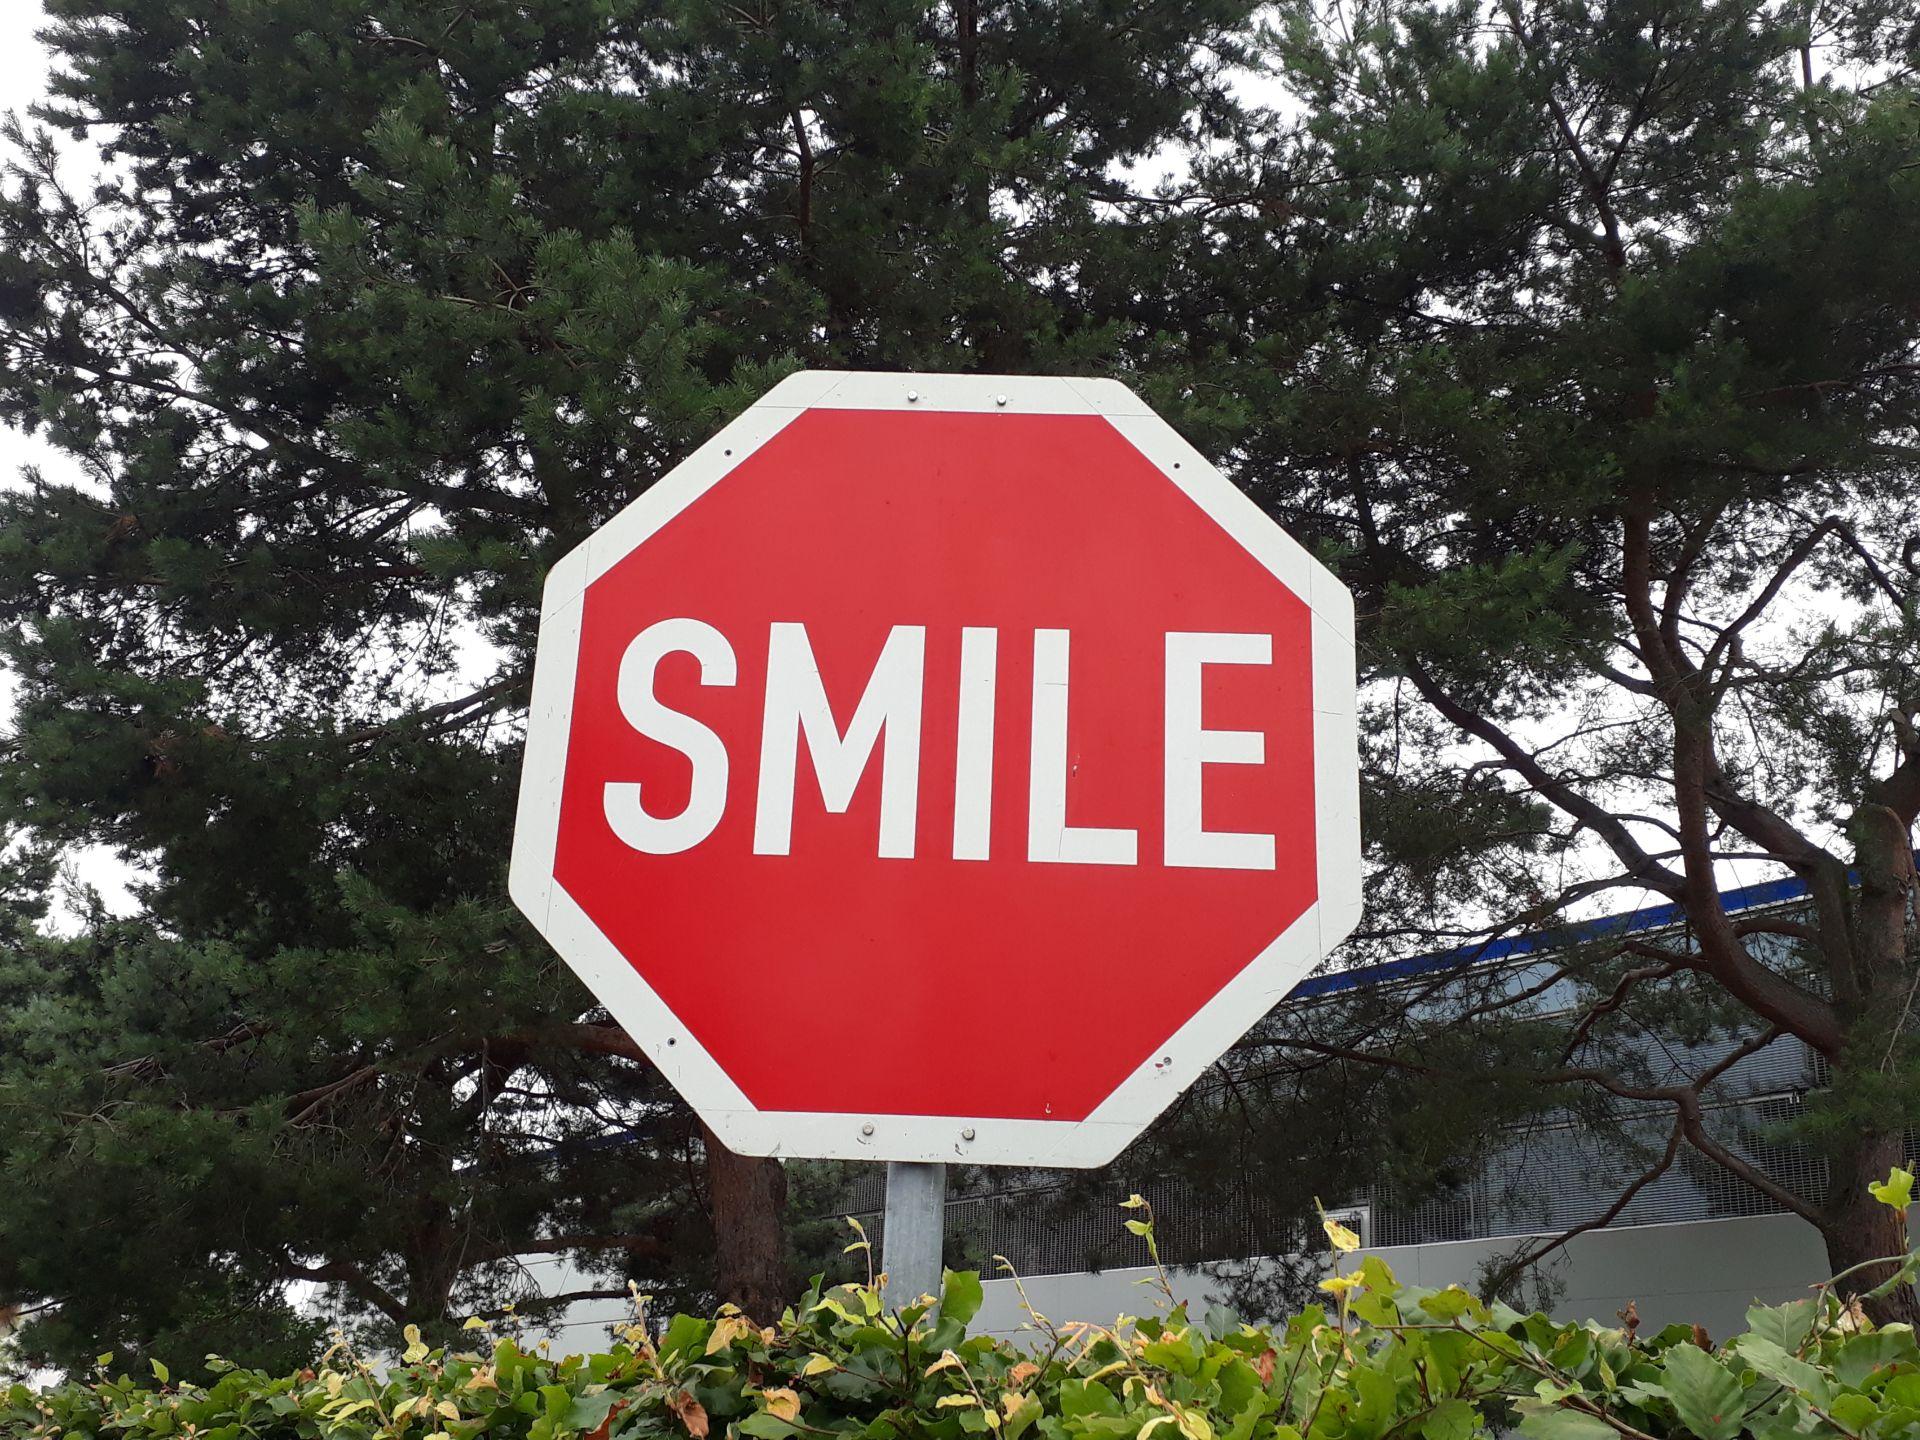 Smile Sept 2017